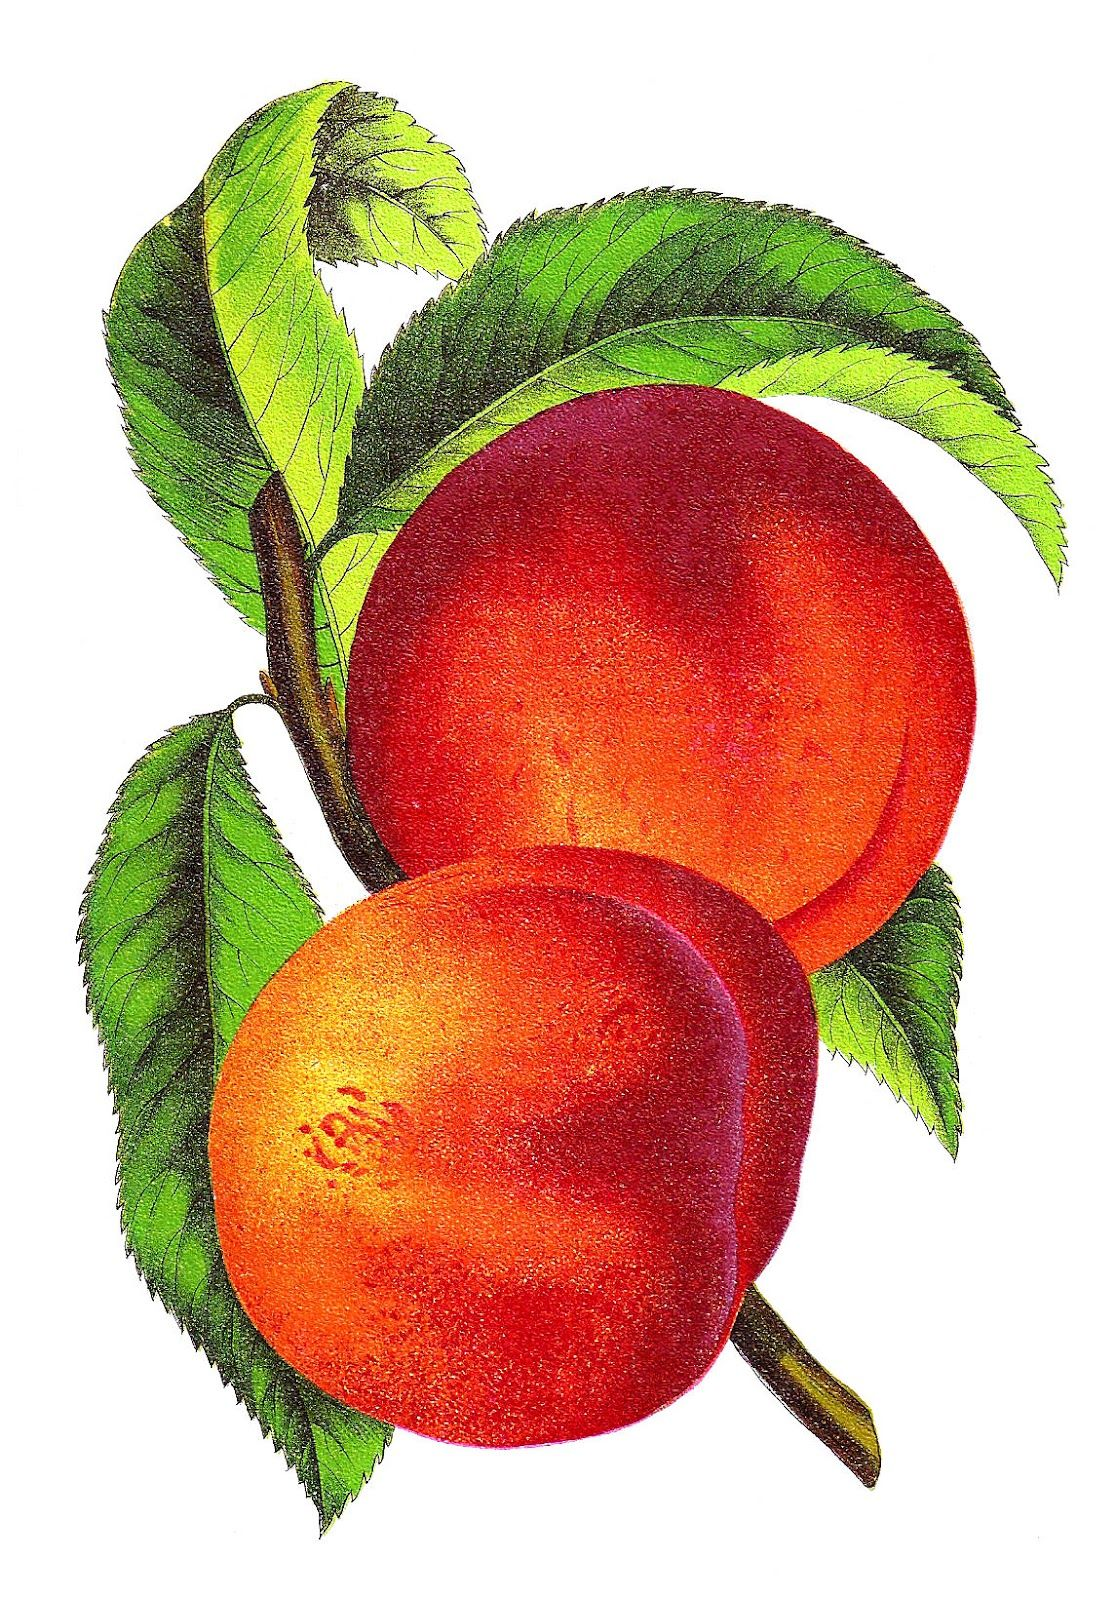 Peach clipart vintage peach. Antique images free fruit